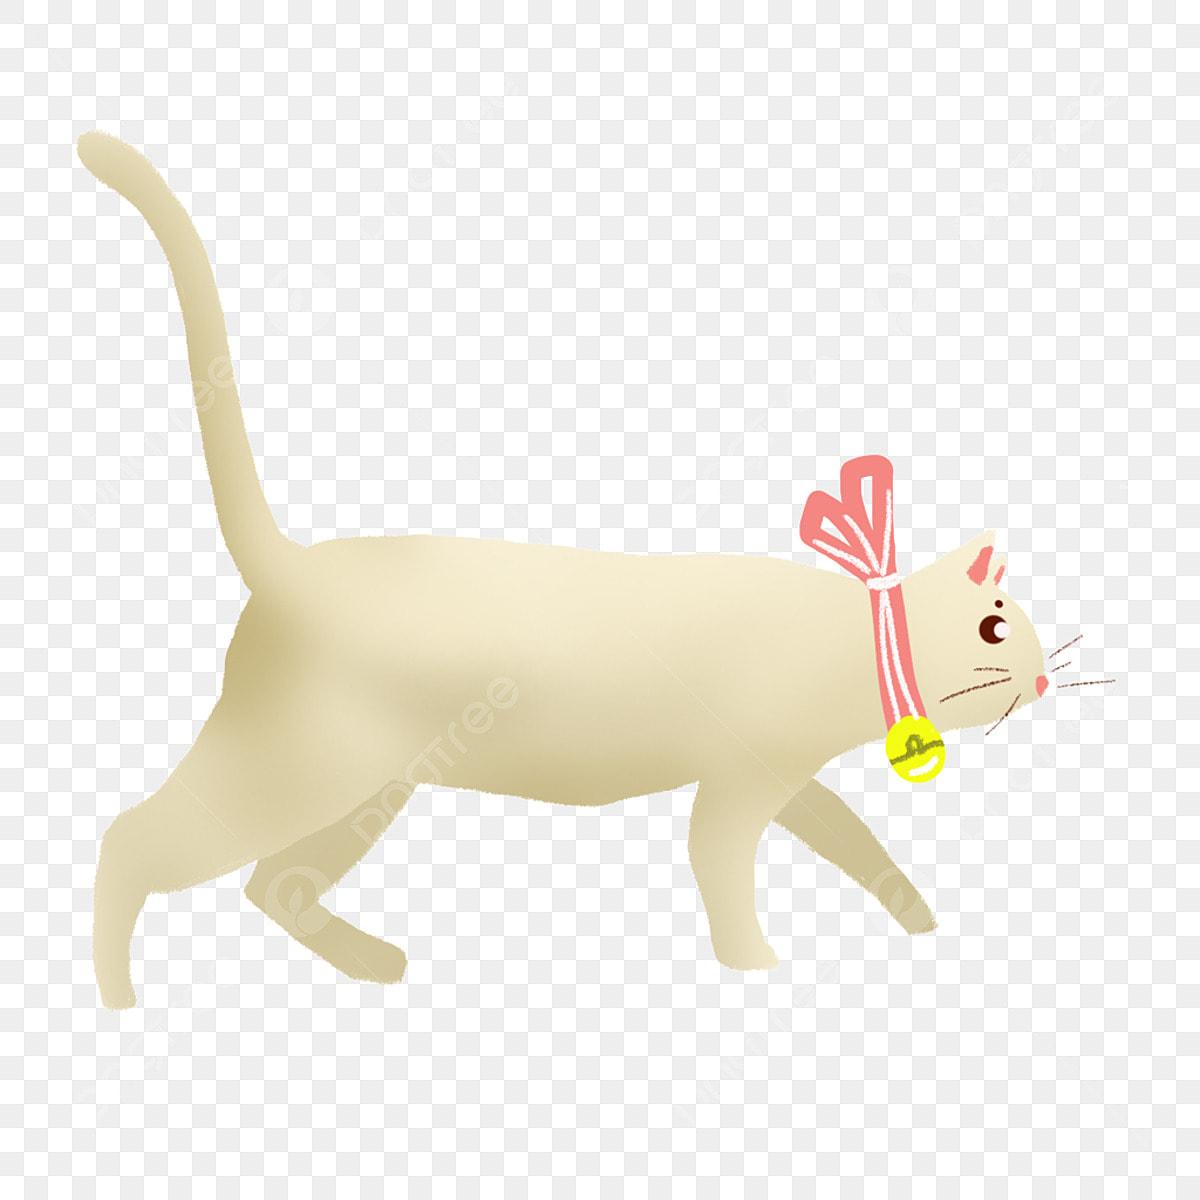 白い子猫 イラスト 漫画 透明素材 動物 イラスト 猫画像とpsd素材